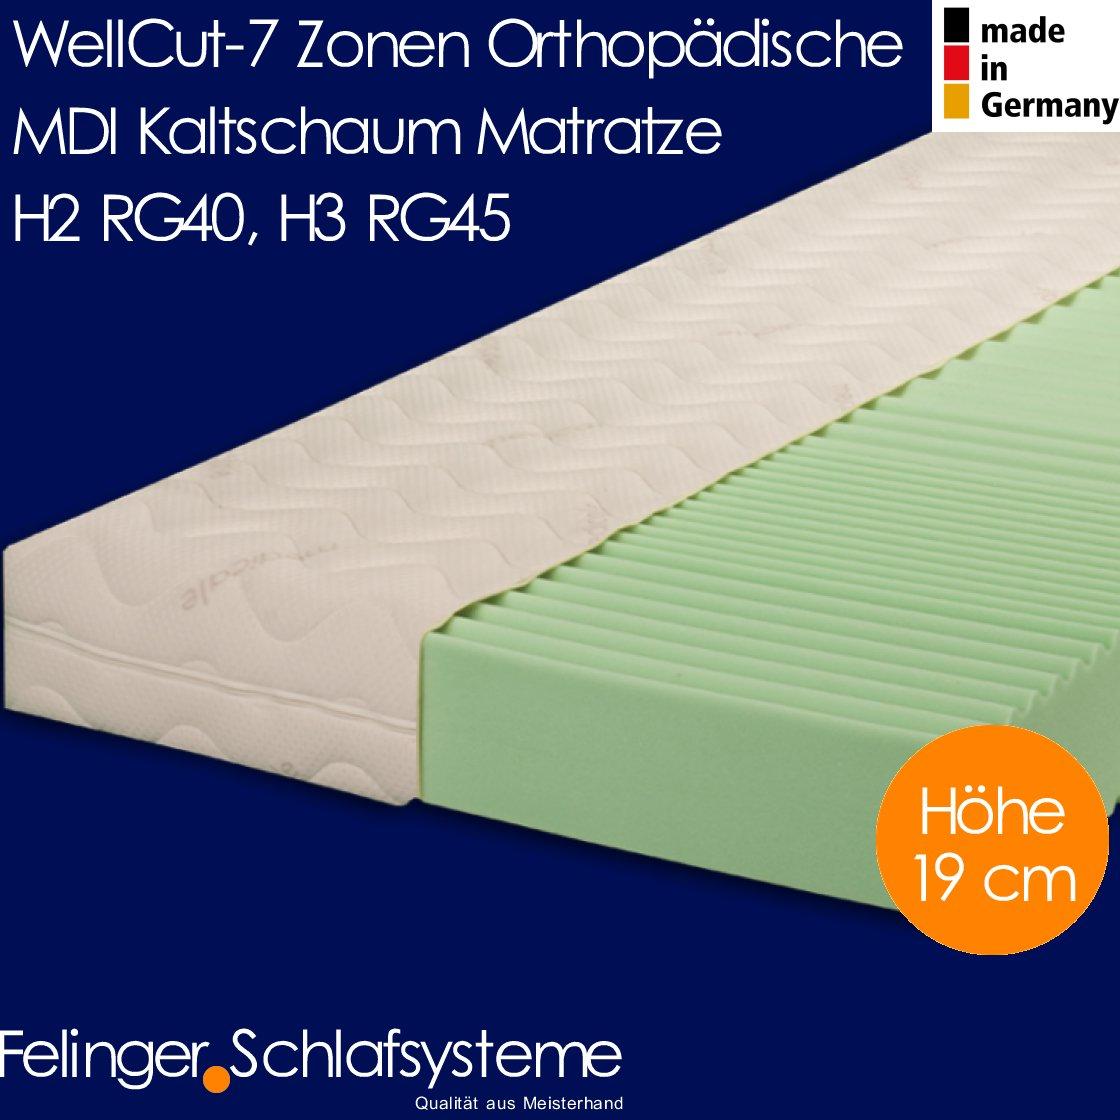 WellCut 7 Zonen orthopädische Kaltschaum Matratze Höhe 19 cm (Kaltschaum H2, 140×200 cm)